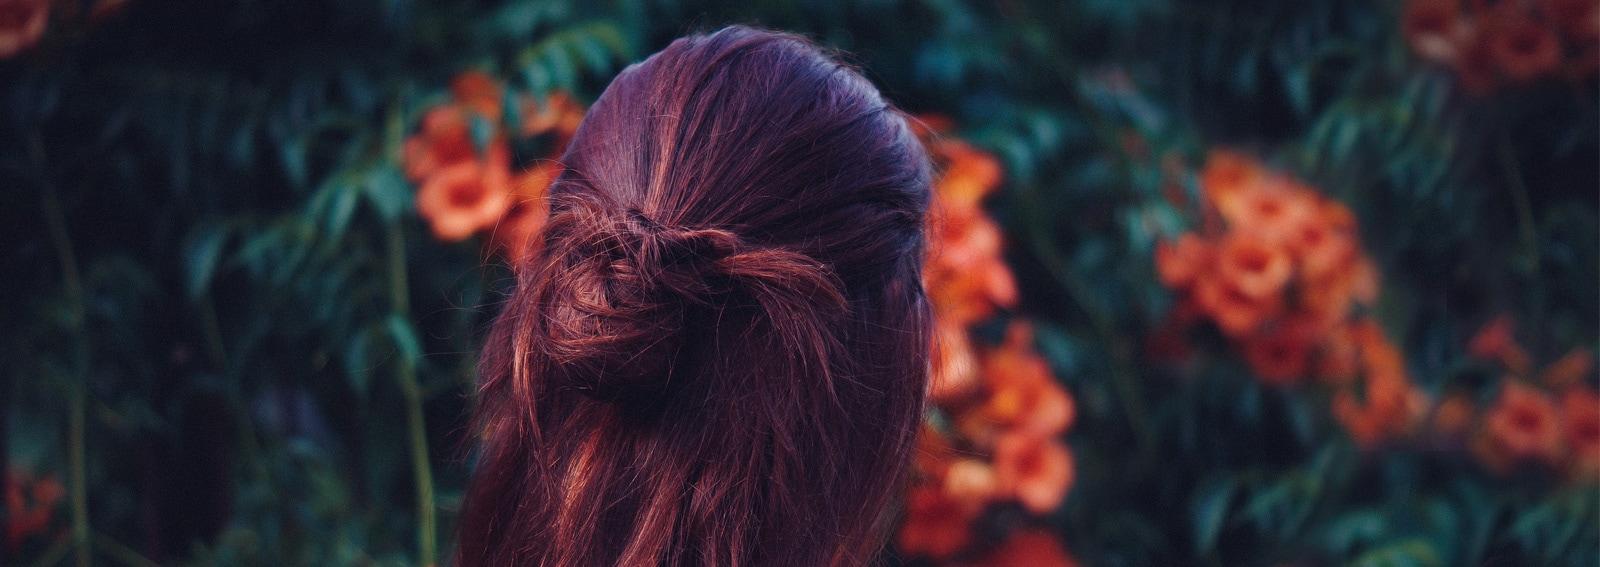 dark-cherry-hair-tinta-capelli-rosso-ciliegia-scuro-cover-desktop